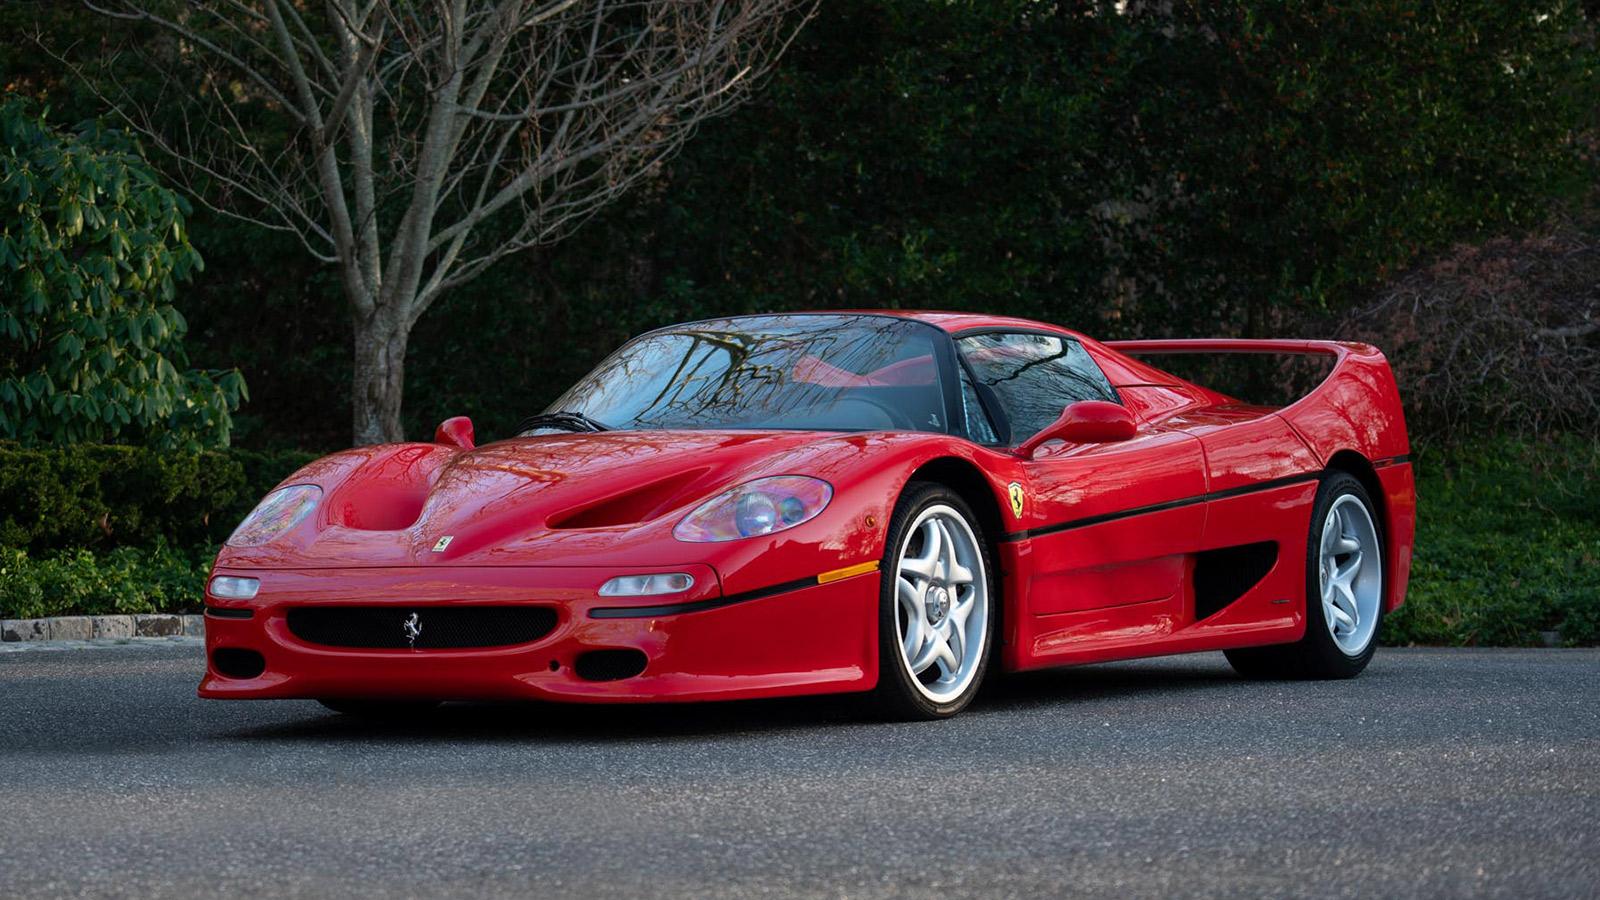 1995 Ferrari F50 Berlinetta Prototipo